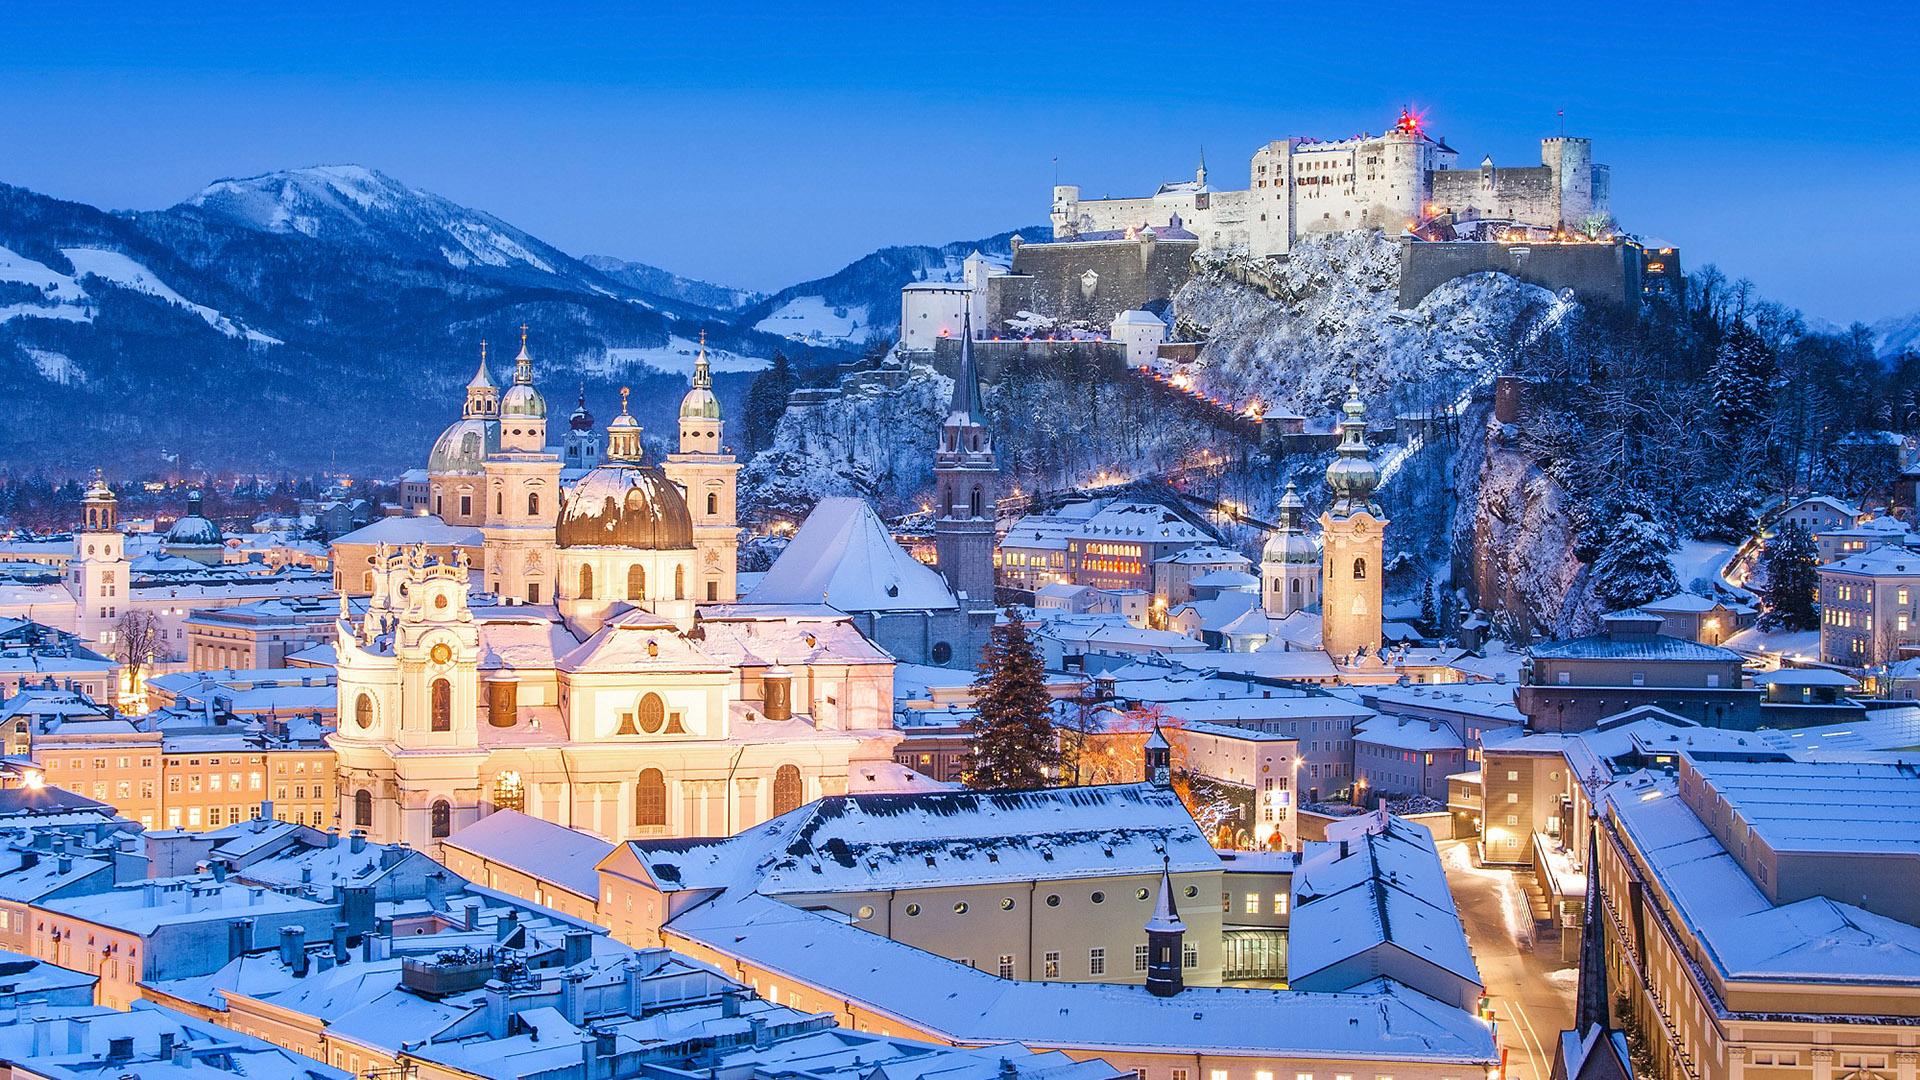 Αυστριακές Άλπεις / Σάλτζμπουργκ - Χριστούγεννα